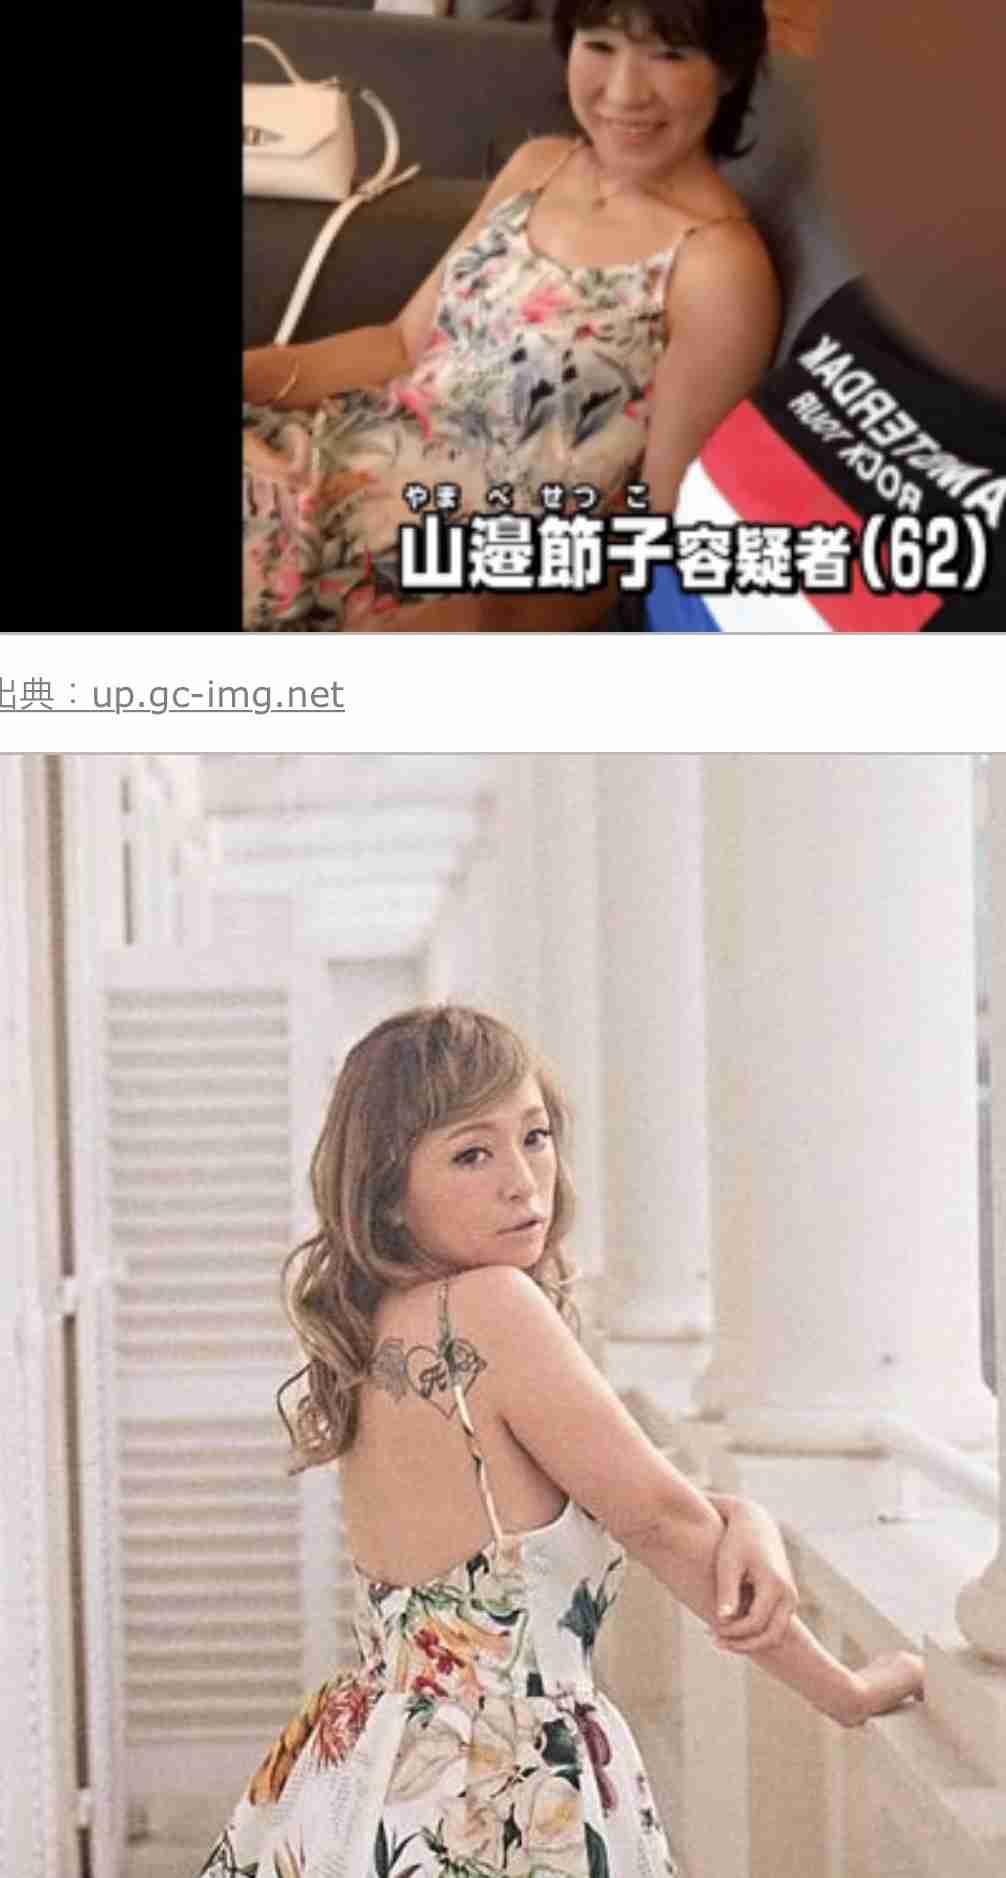 浜崎あゆみの私服姿、お洒落でかわいい派vs.ただただ痛い派で物議に